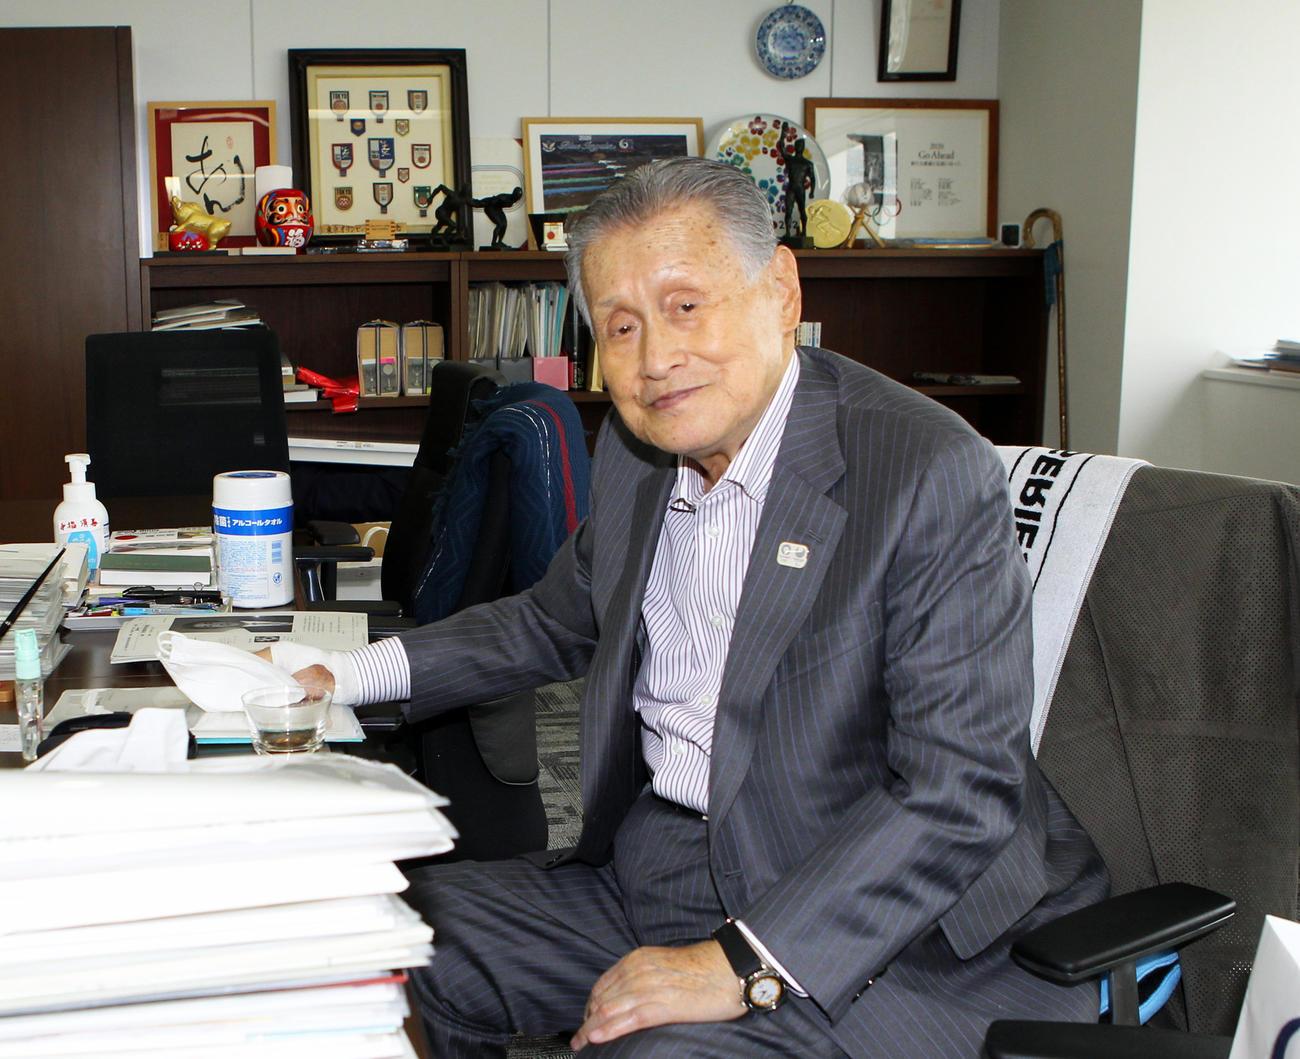 組織委の会長室でインタビューに応じた森喜朗会長(撮影・三須一紀)